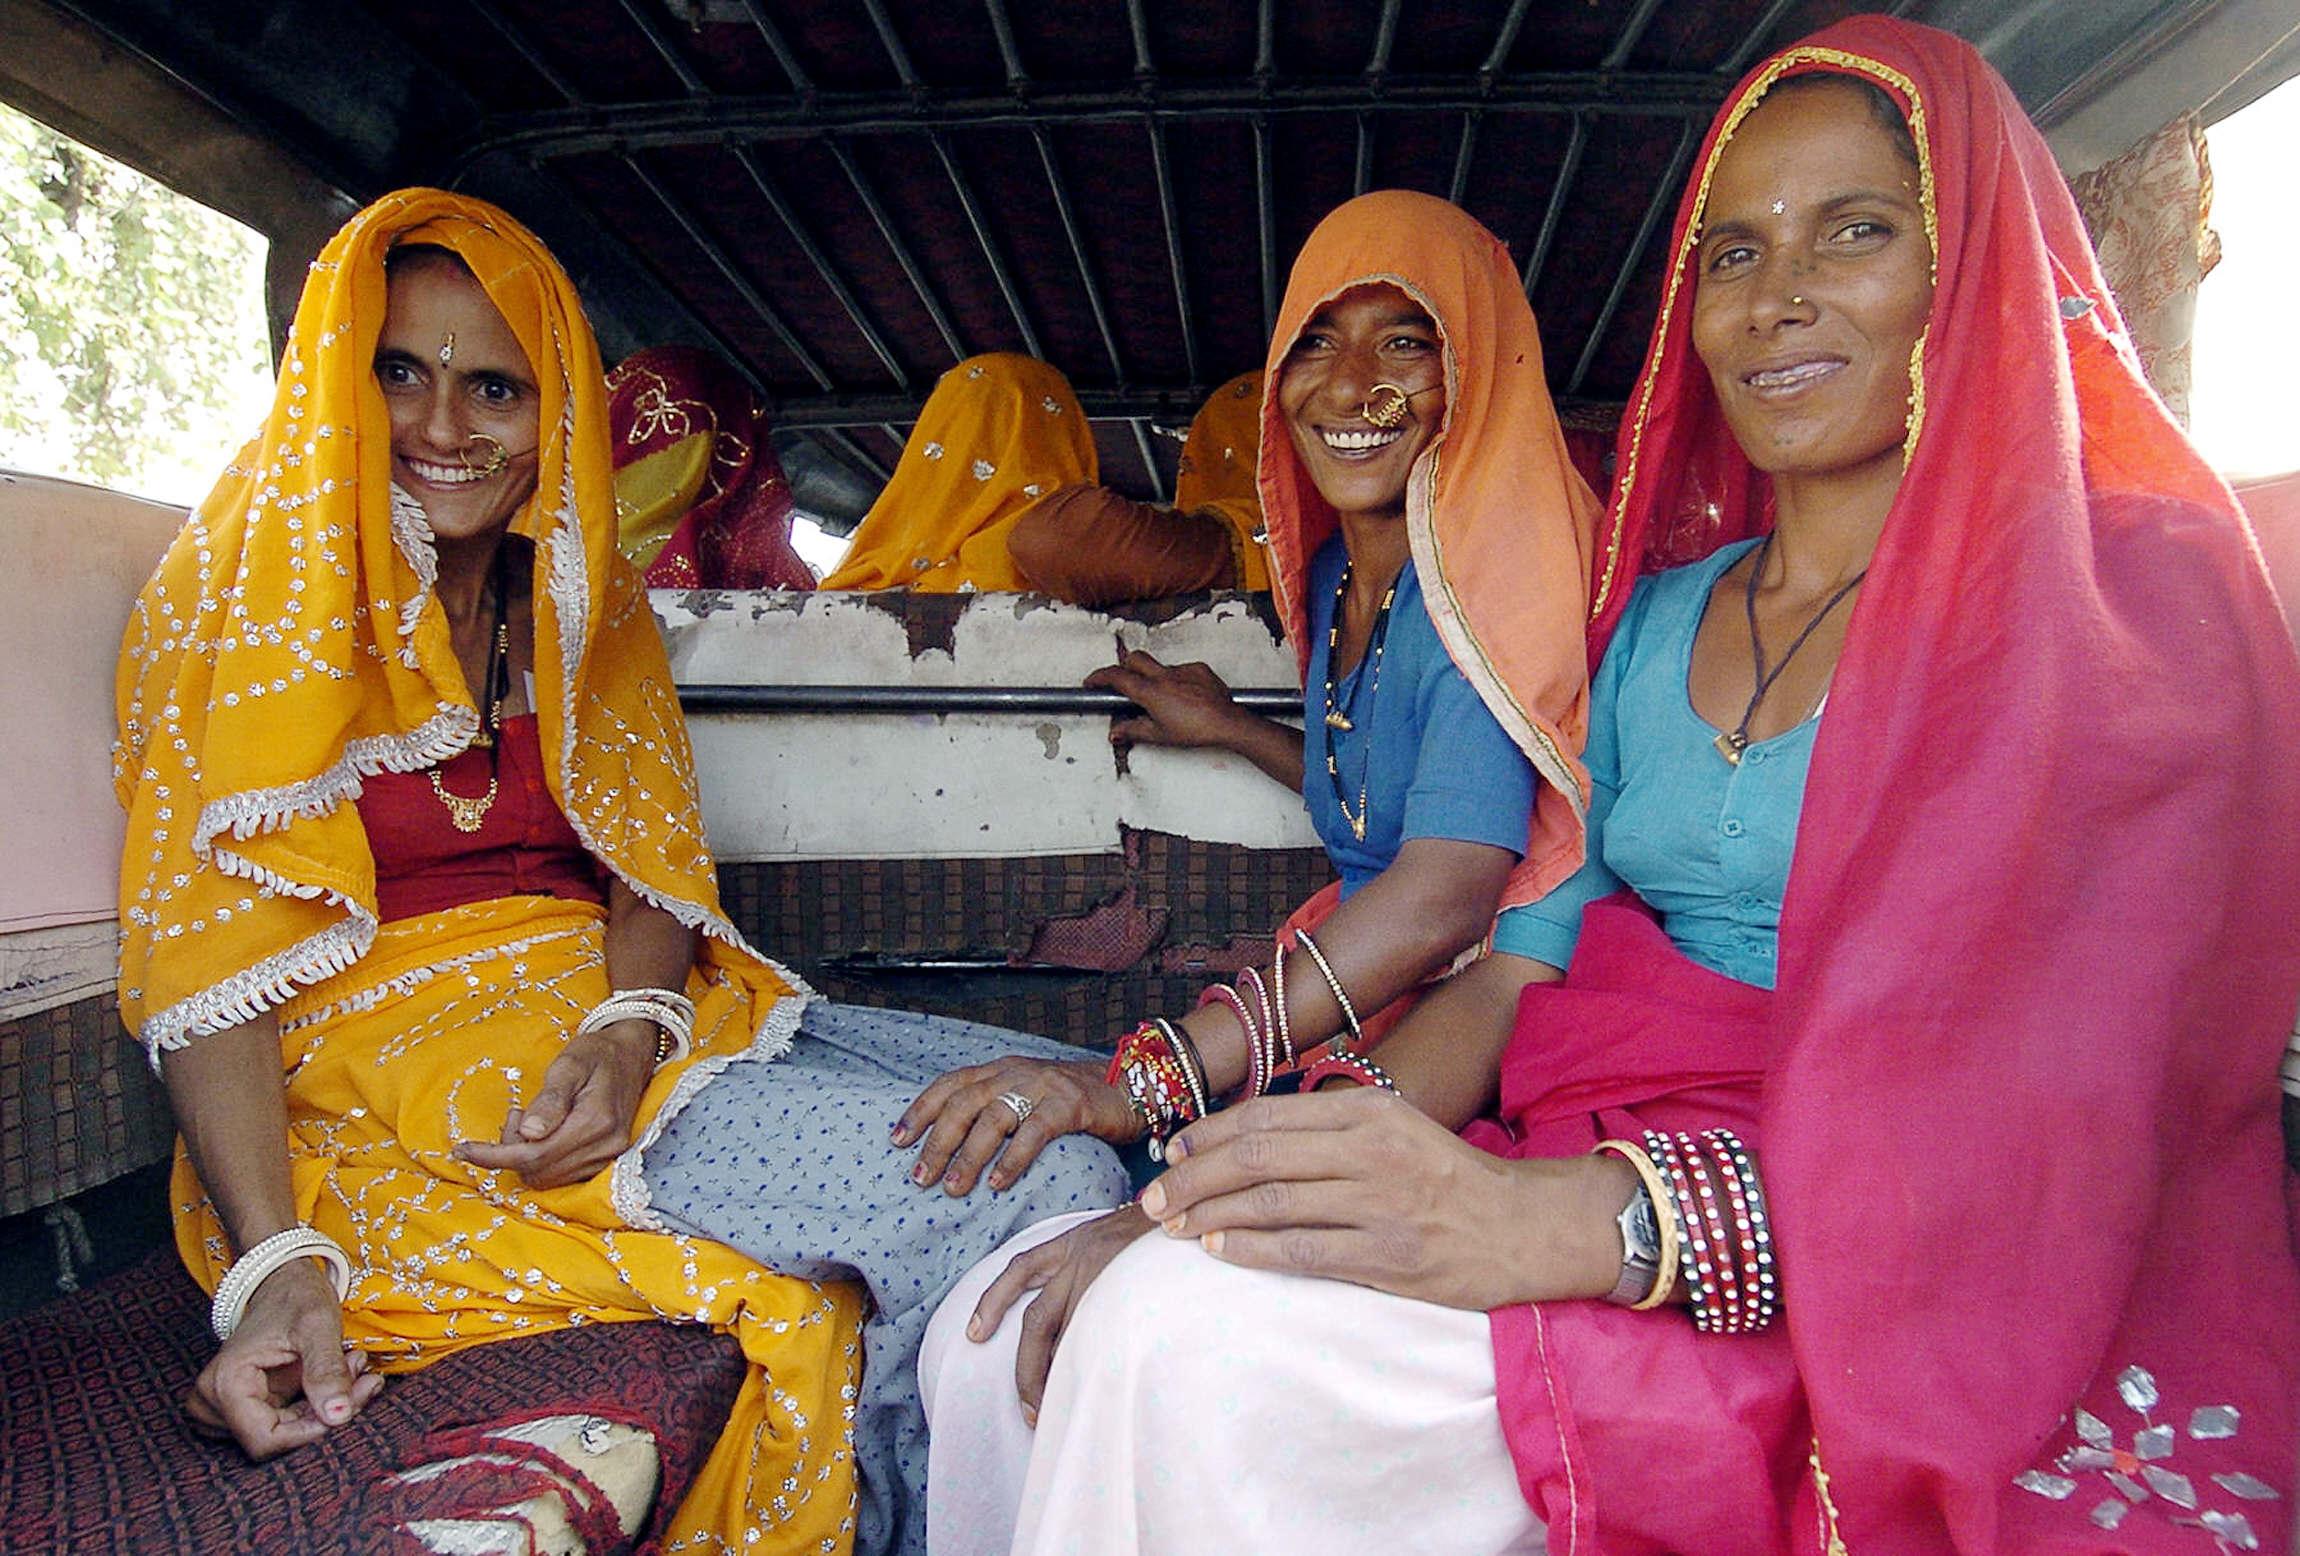 الهند: نساء في طريقهن لمراكز الاقتراع في انتخابات سابقة